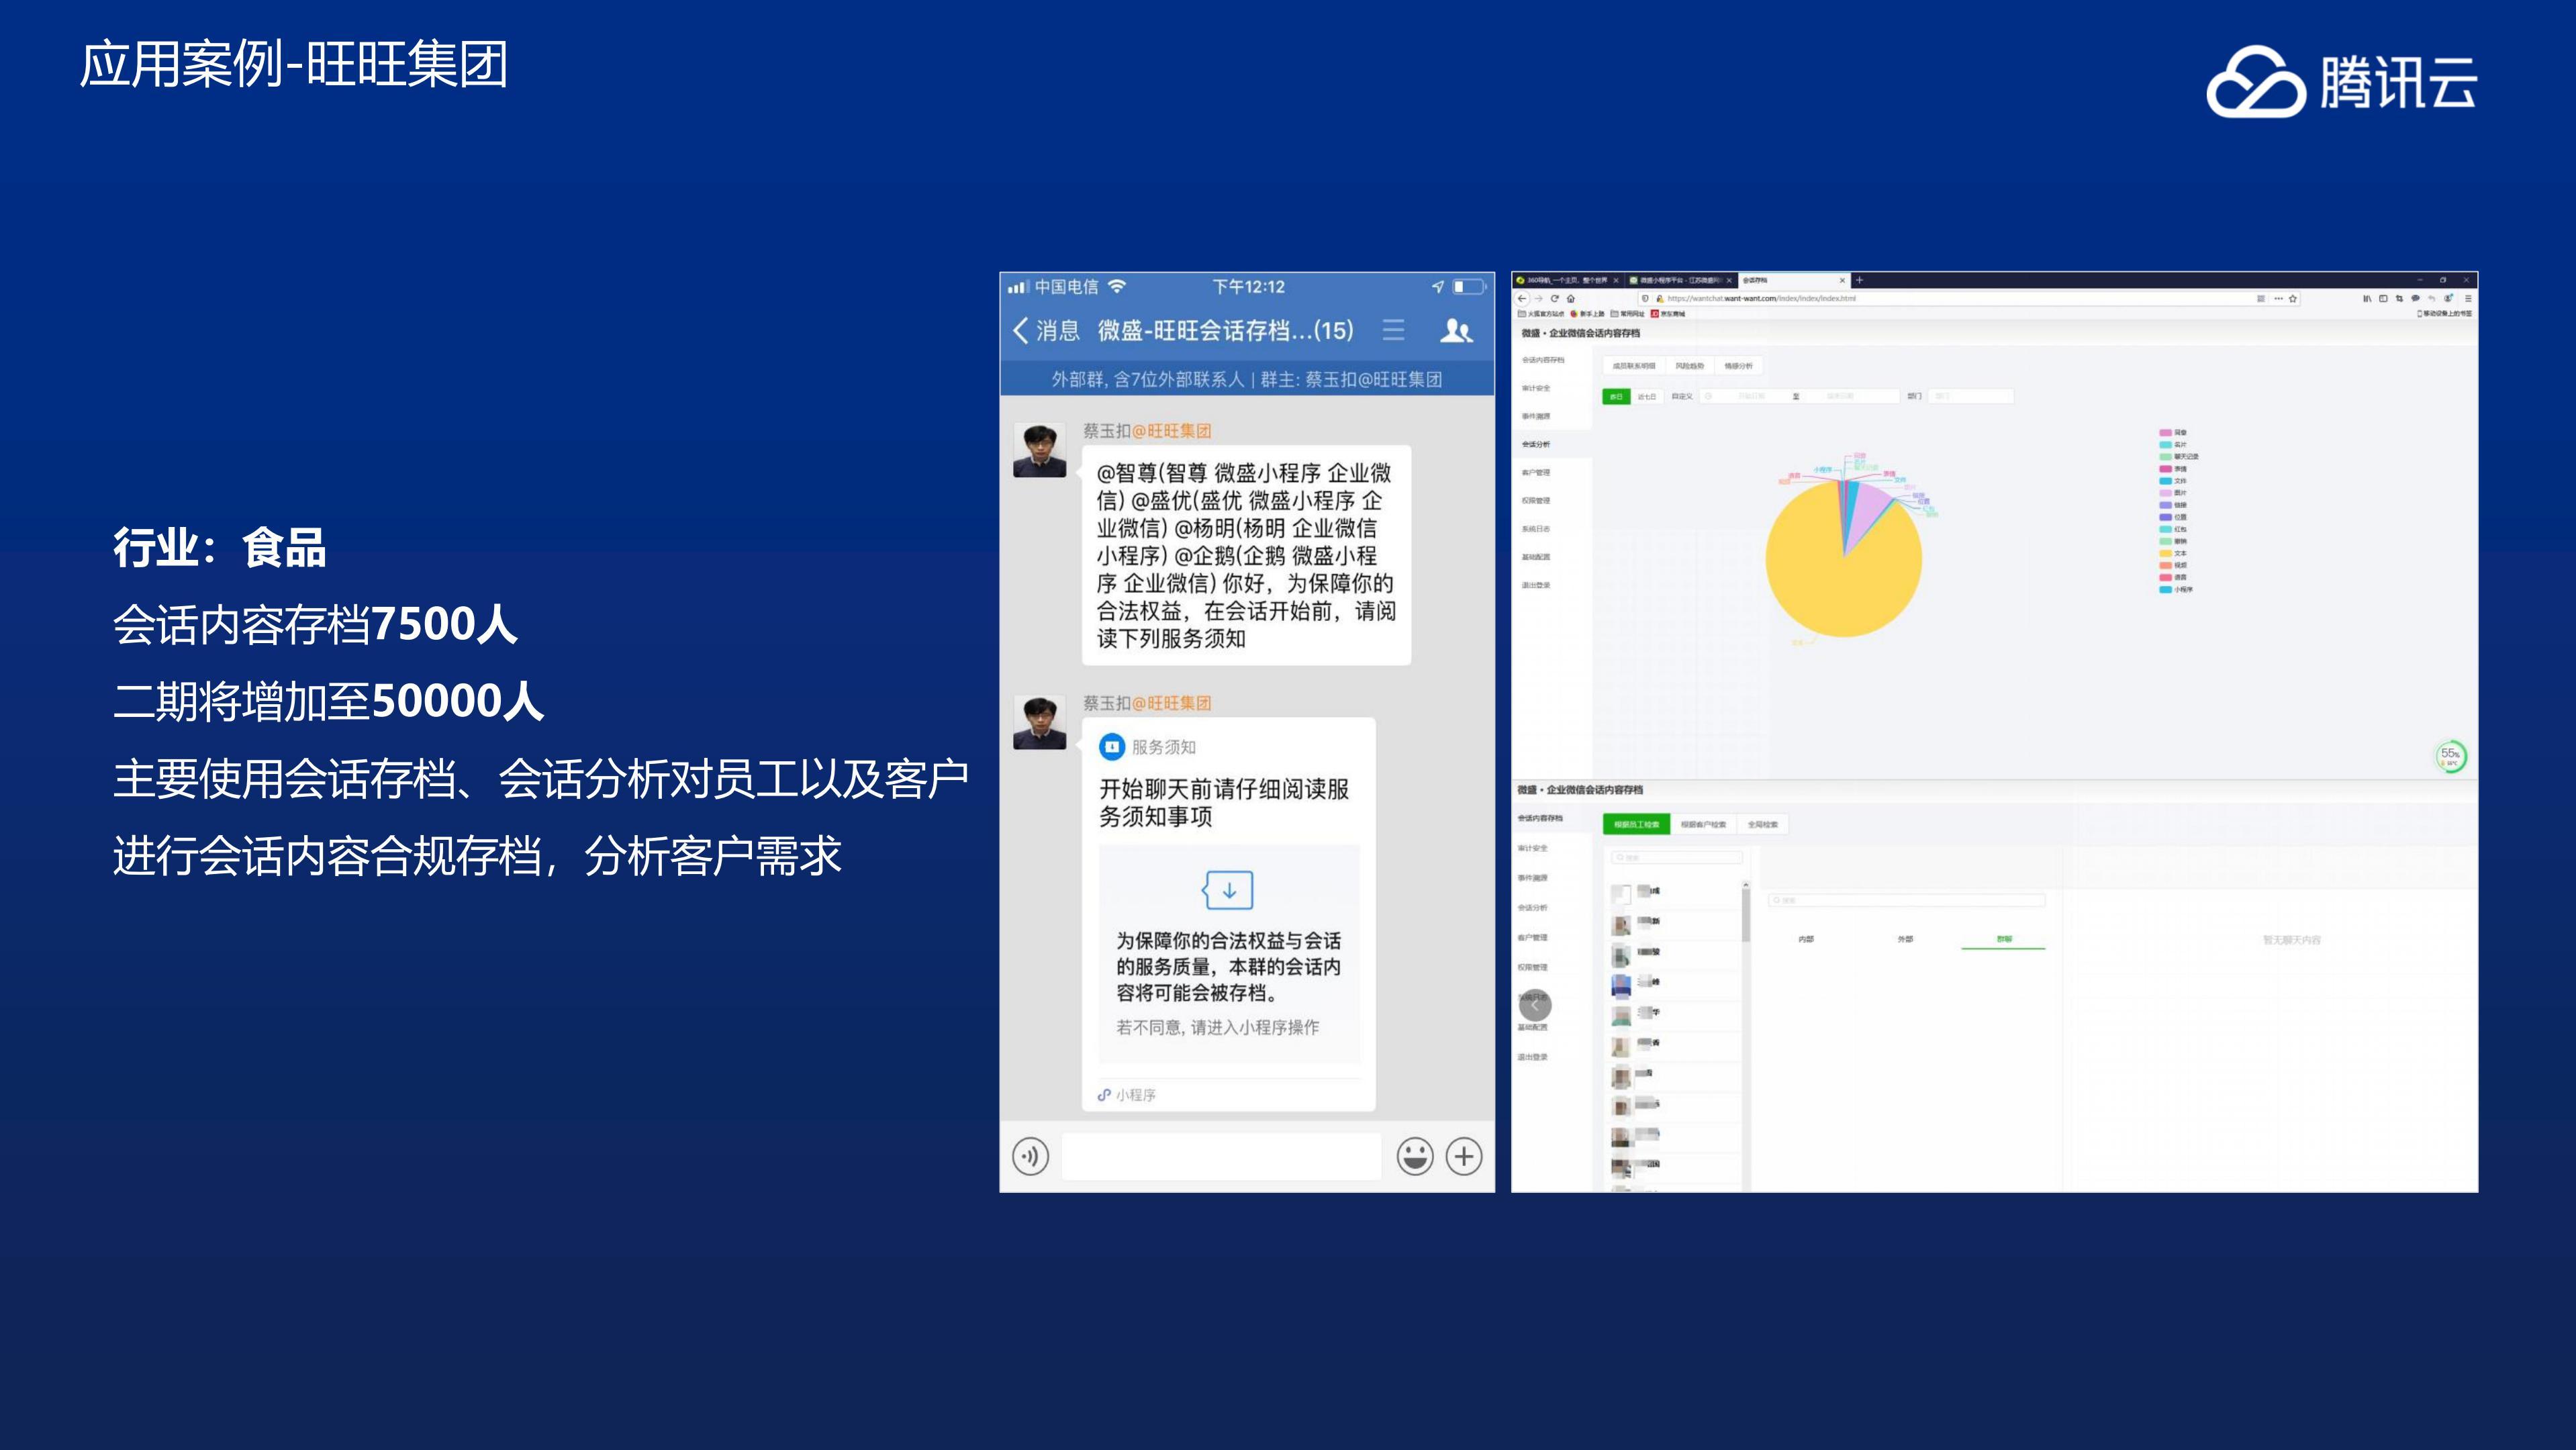 腾讯云企微管家产品介绍_30.jpg